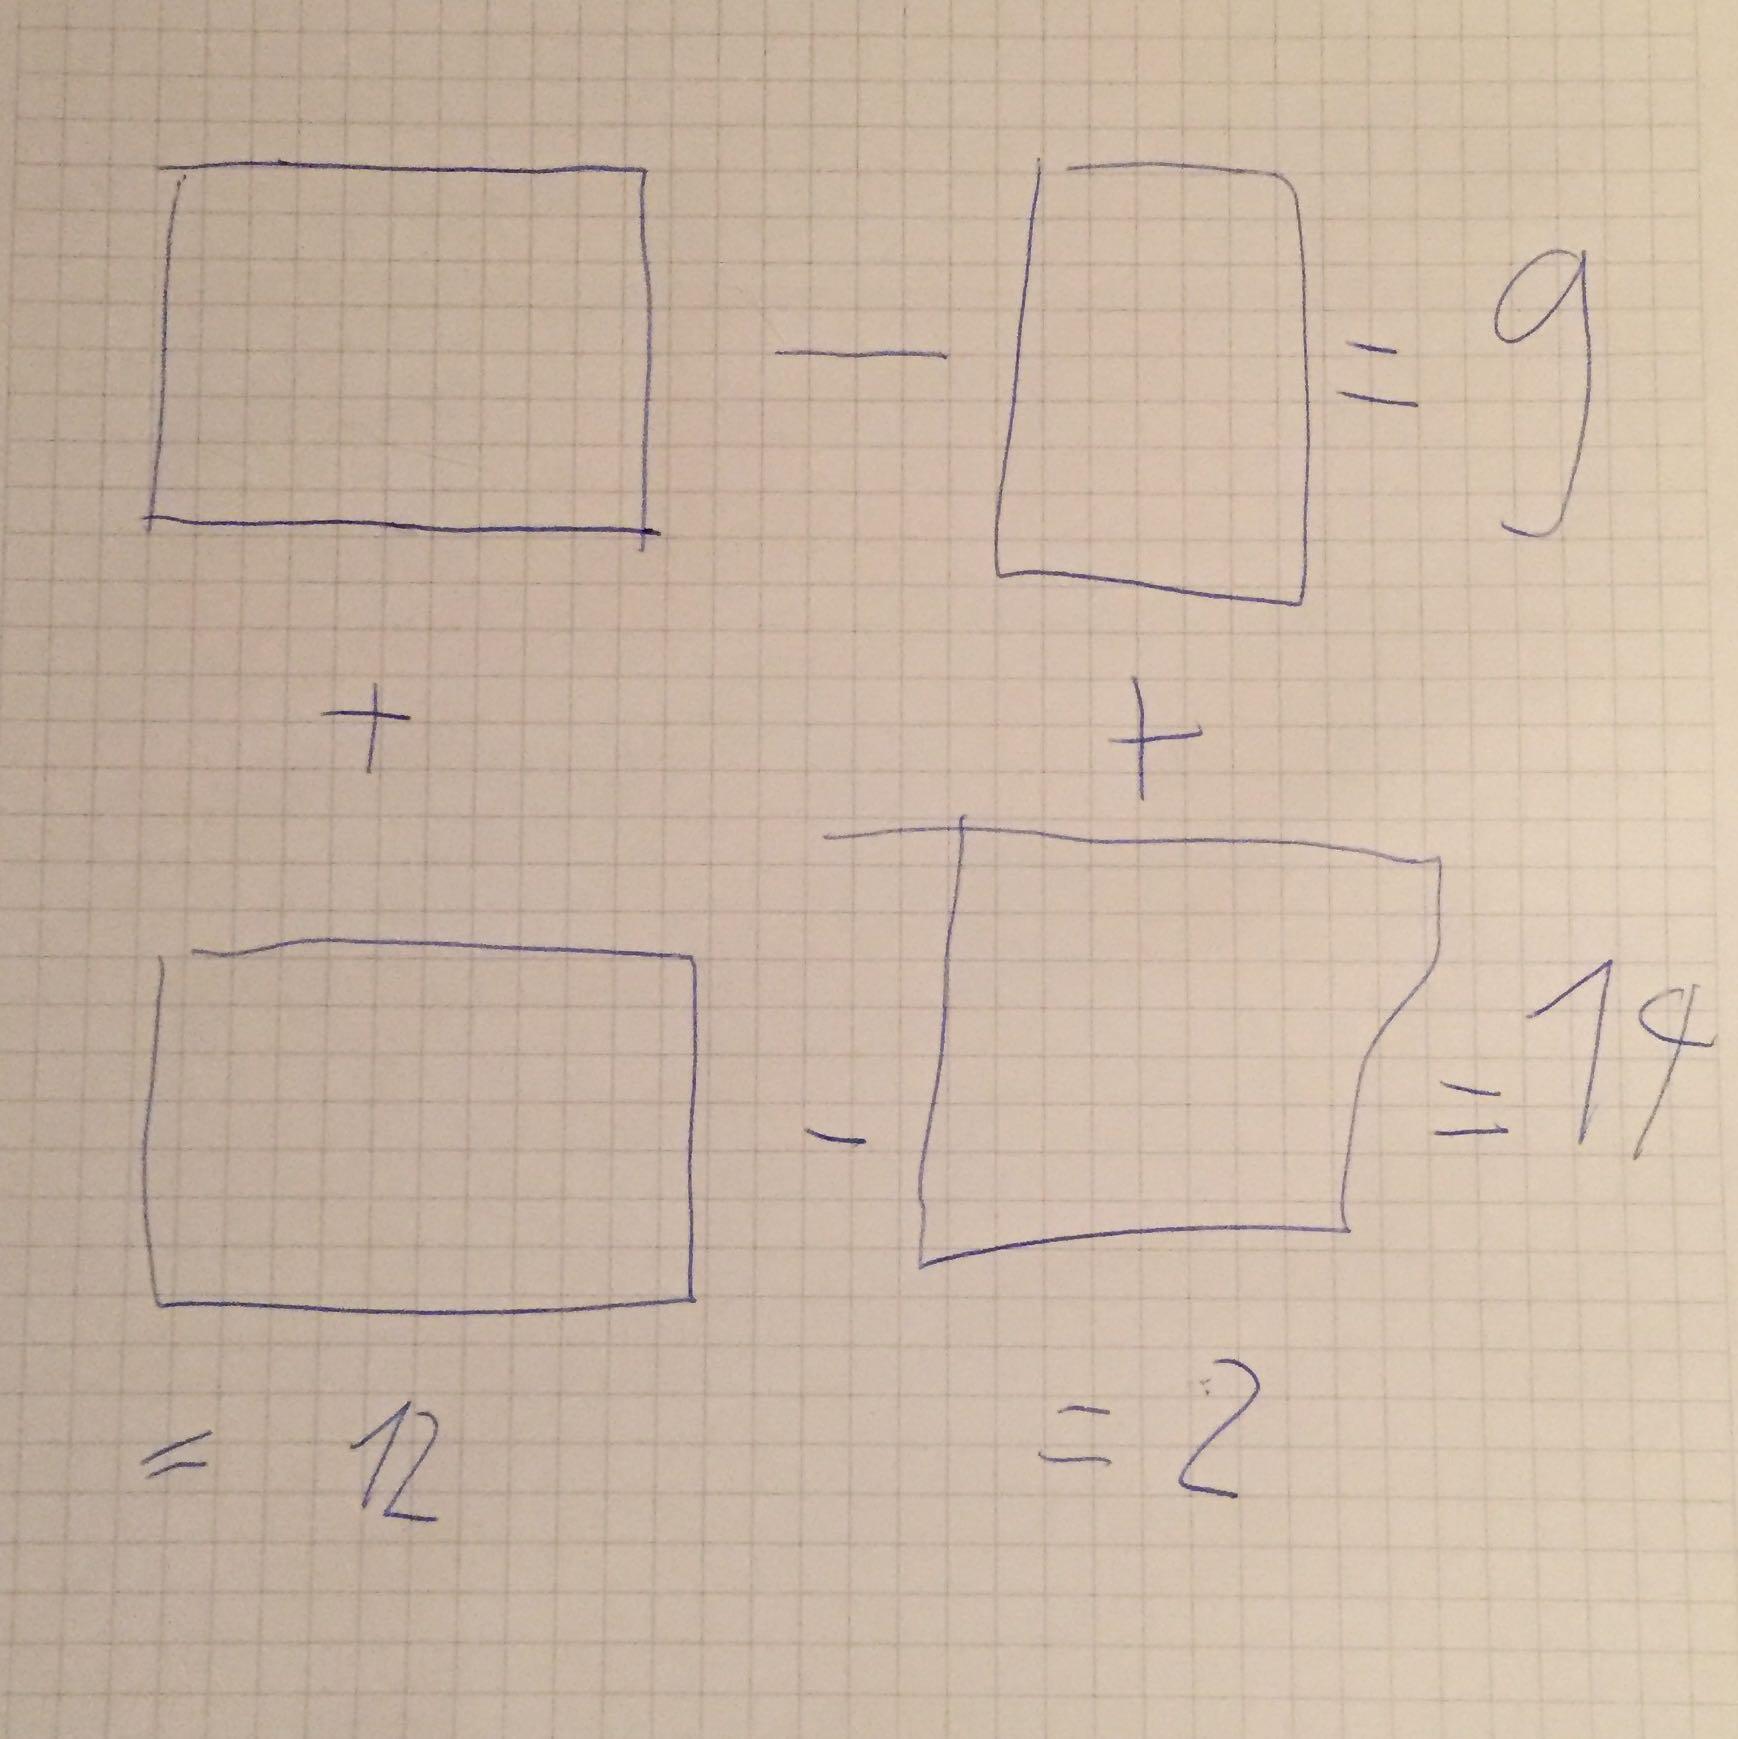 unl sbares mathematisches r tsel mathematik gleichungen. Black Bedroom Furniture Sets. Home Design Ideas